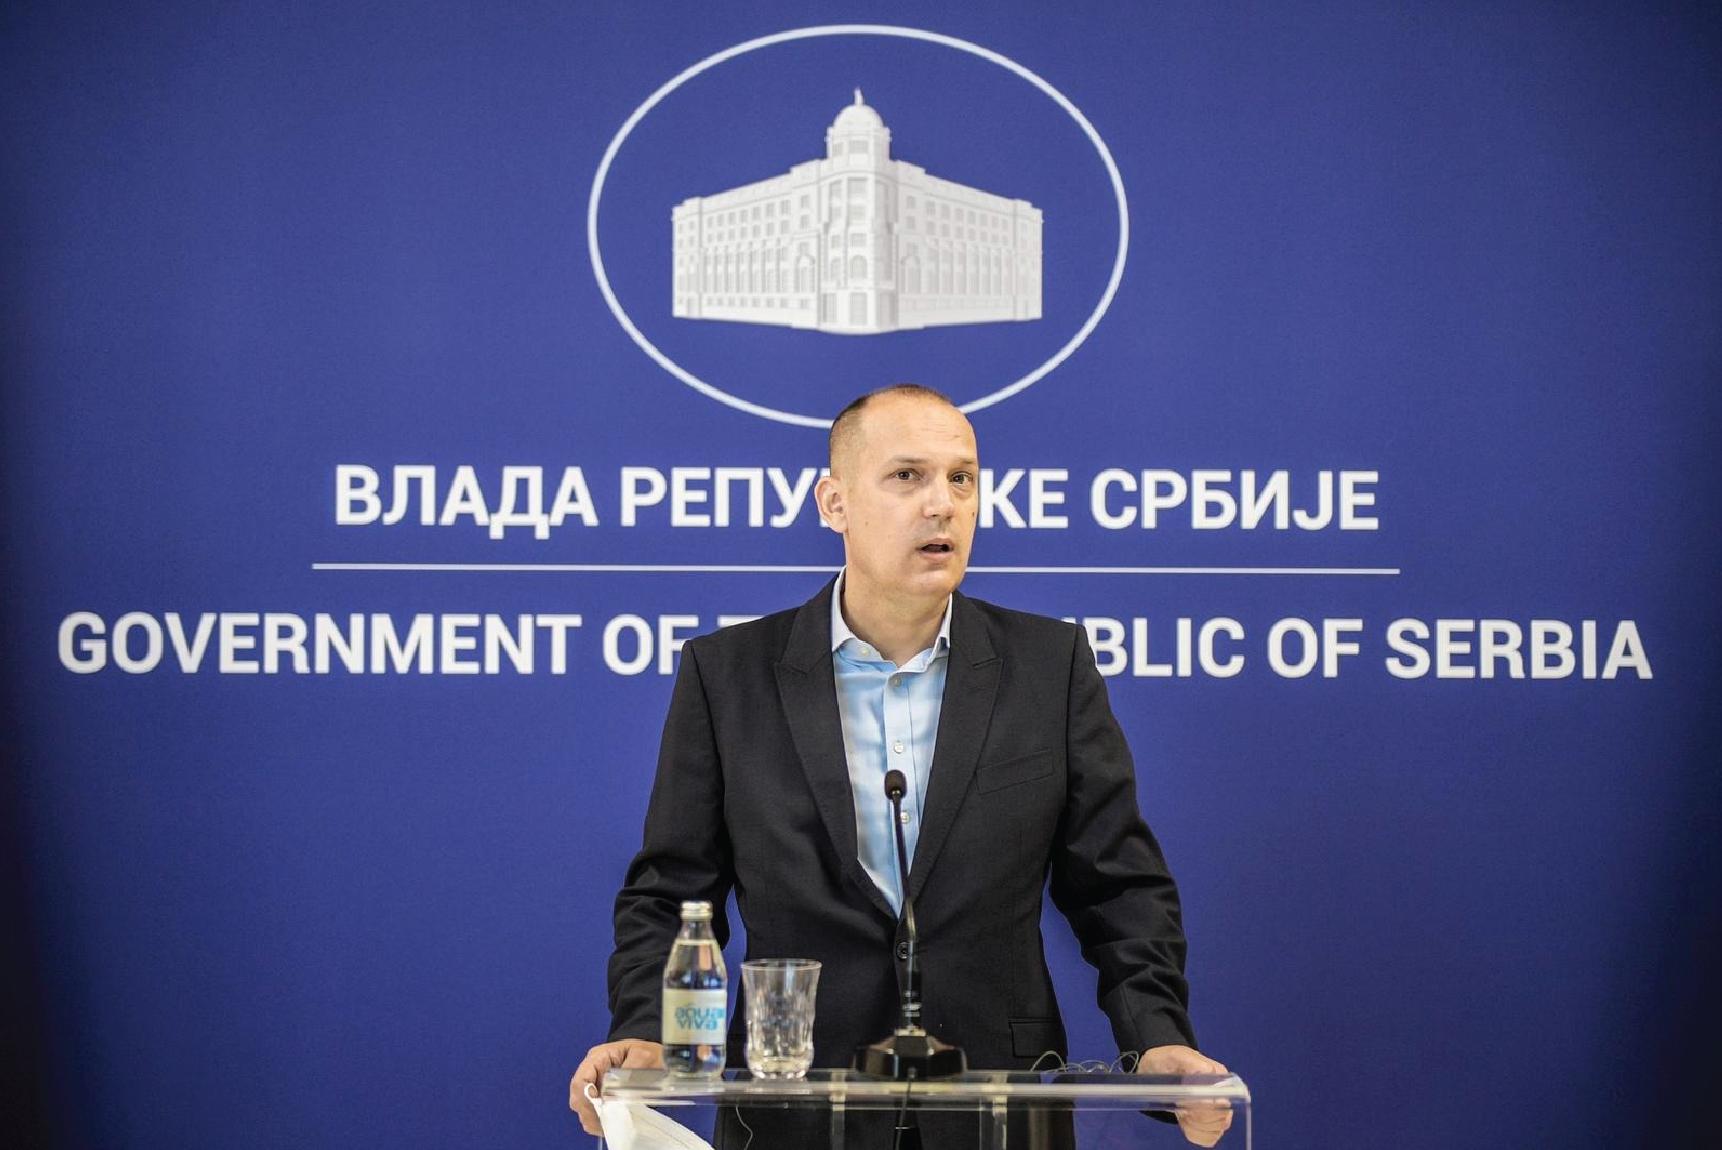 Лончар: Не лицитирати с мерама, сутра анализа на Кризном штабу